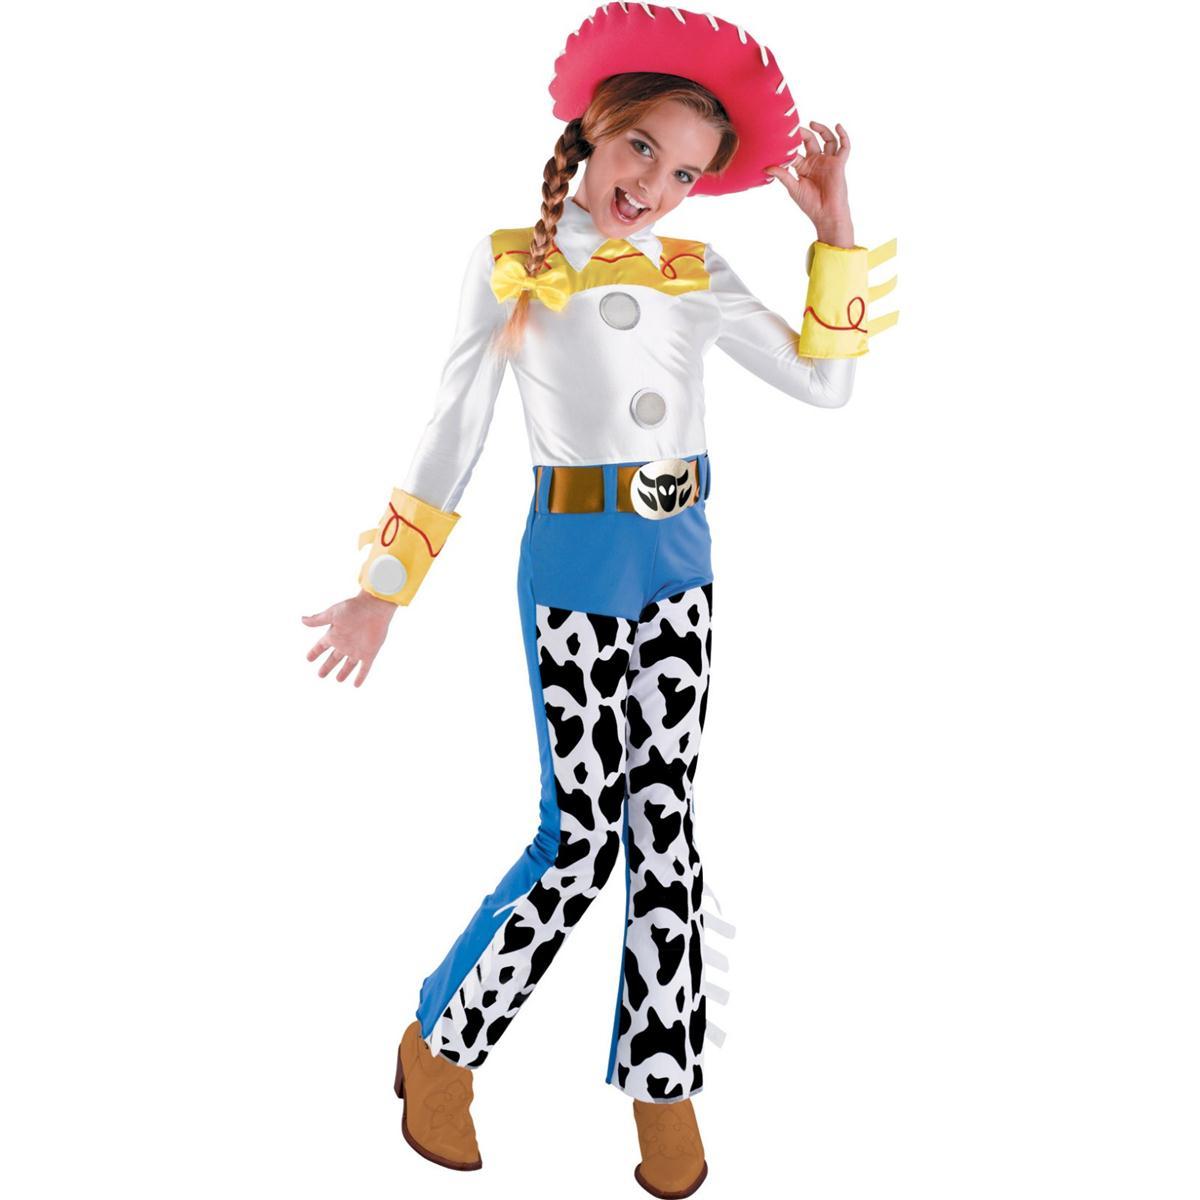 ディズニー 仮装 子供 コスチューム 人気 キッズ ハロウィン 仮装 衣装